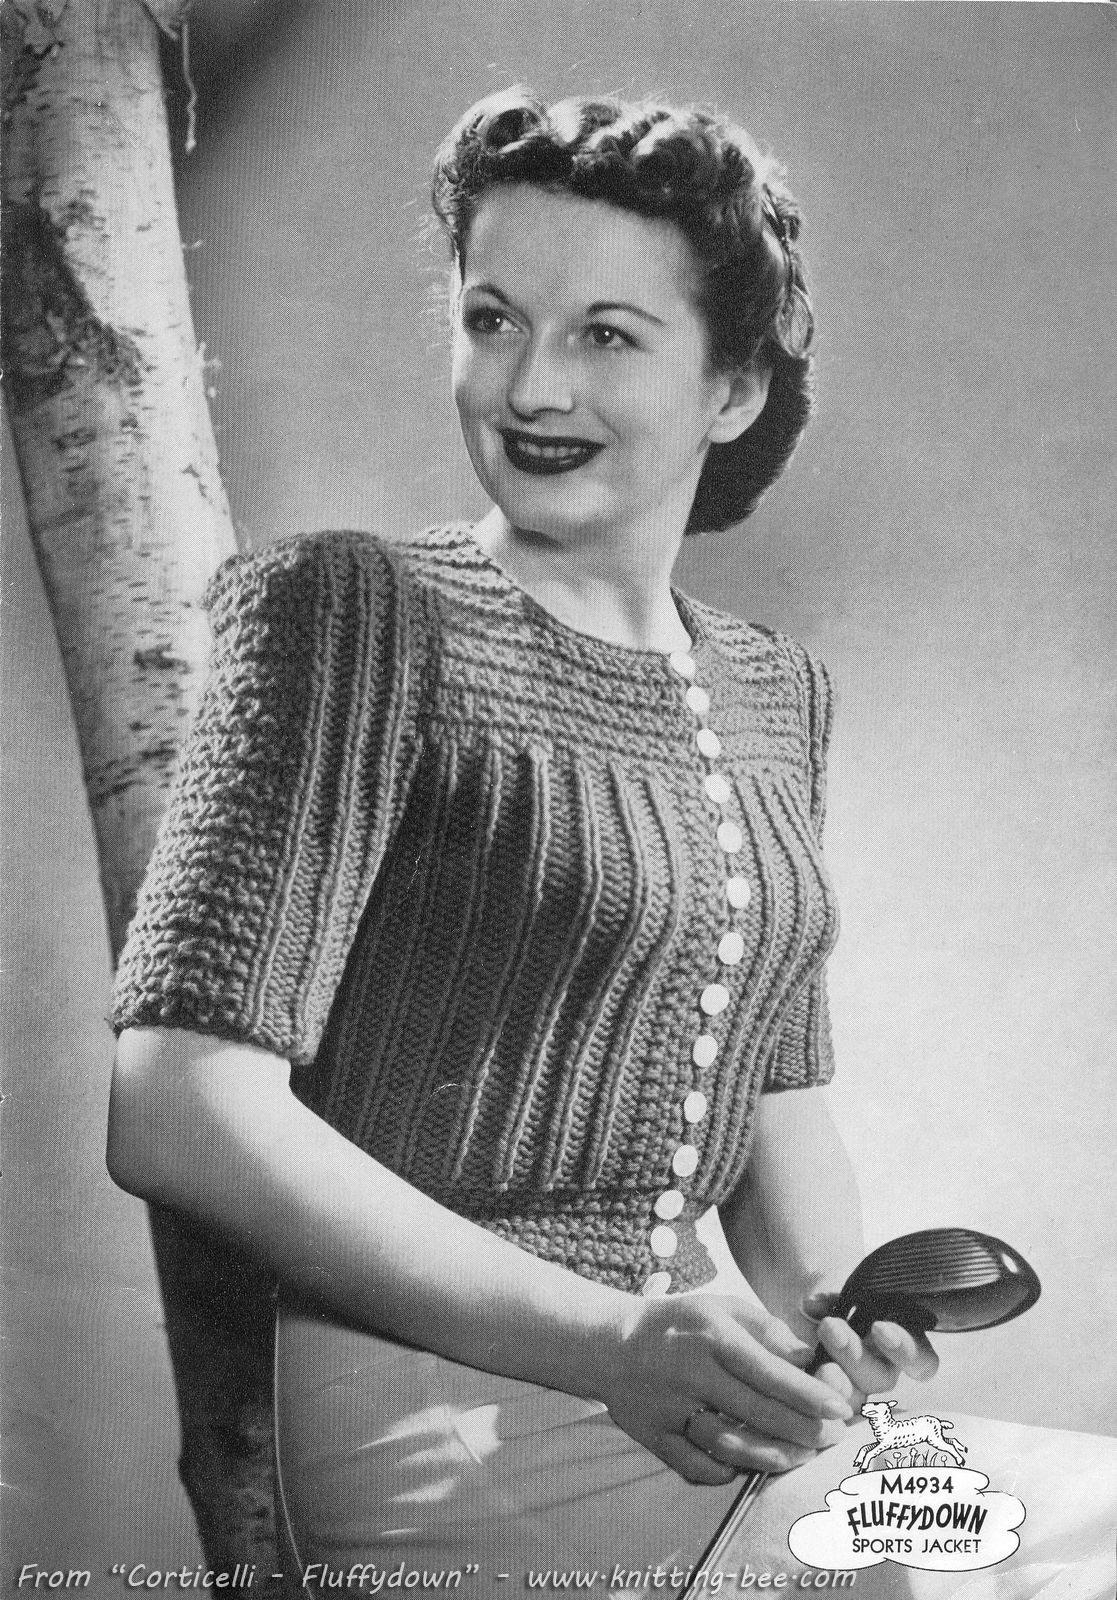 Sports Jacket Vintage Knit